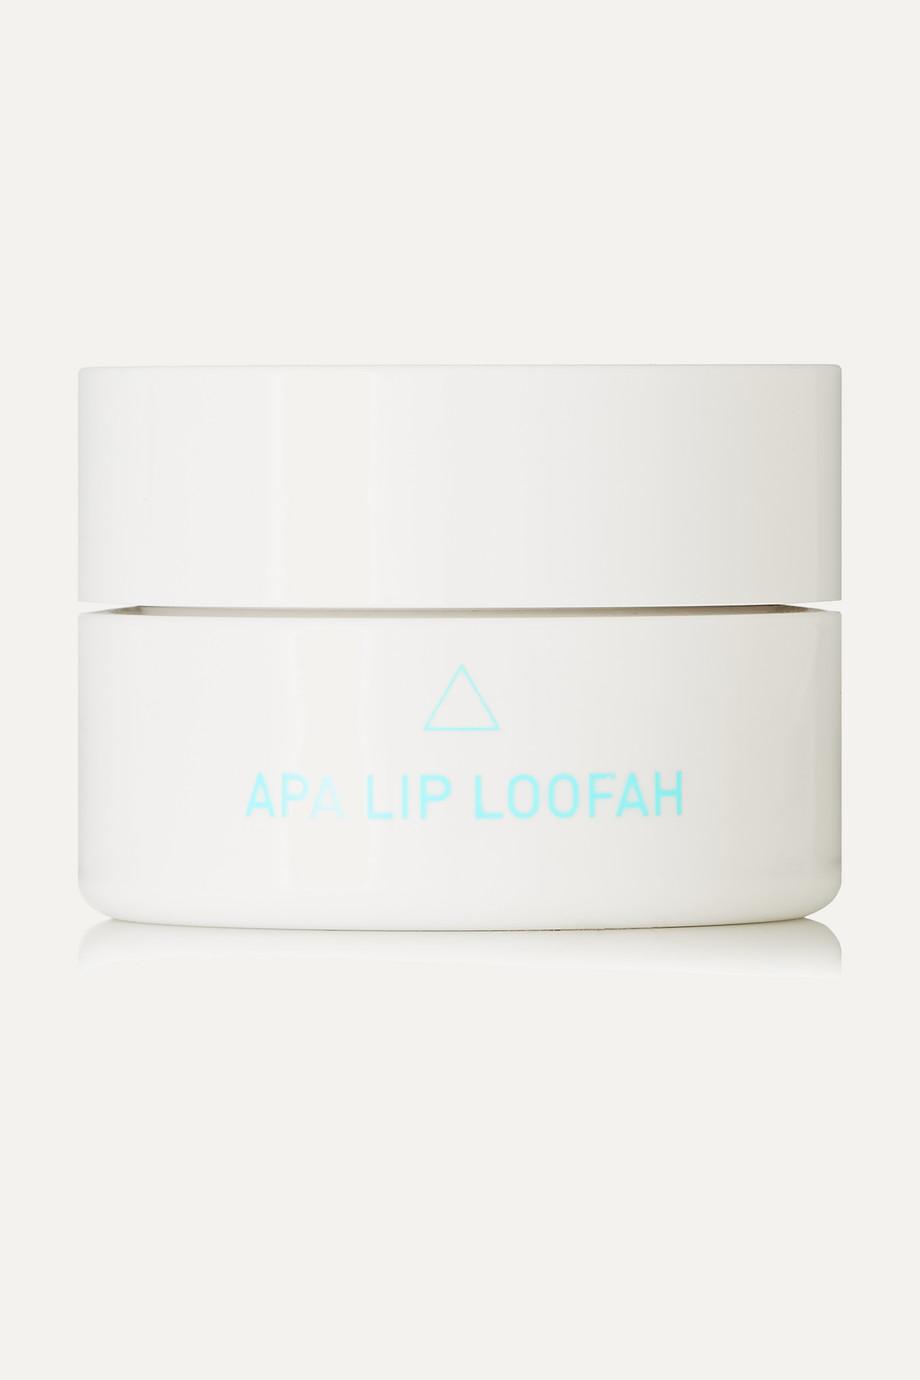 Apa Beauty Lip Loofah, 11g